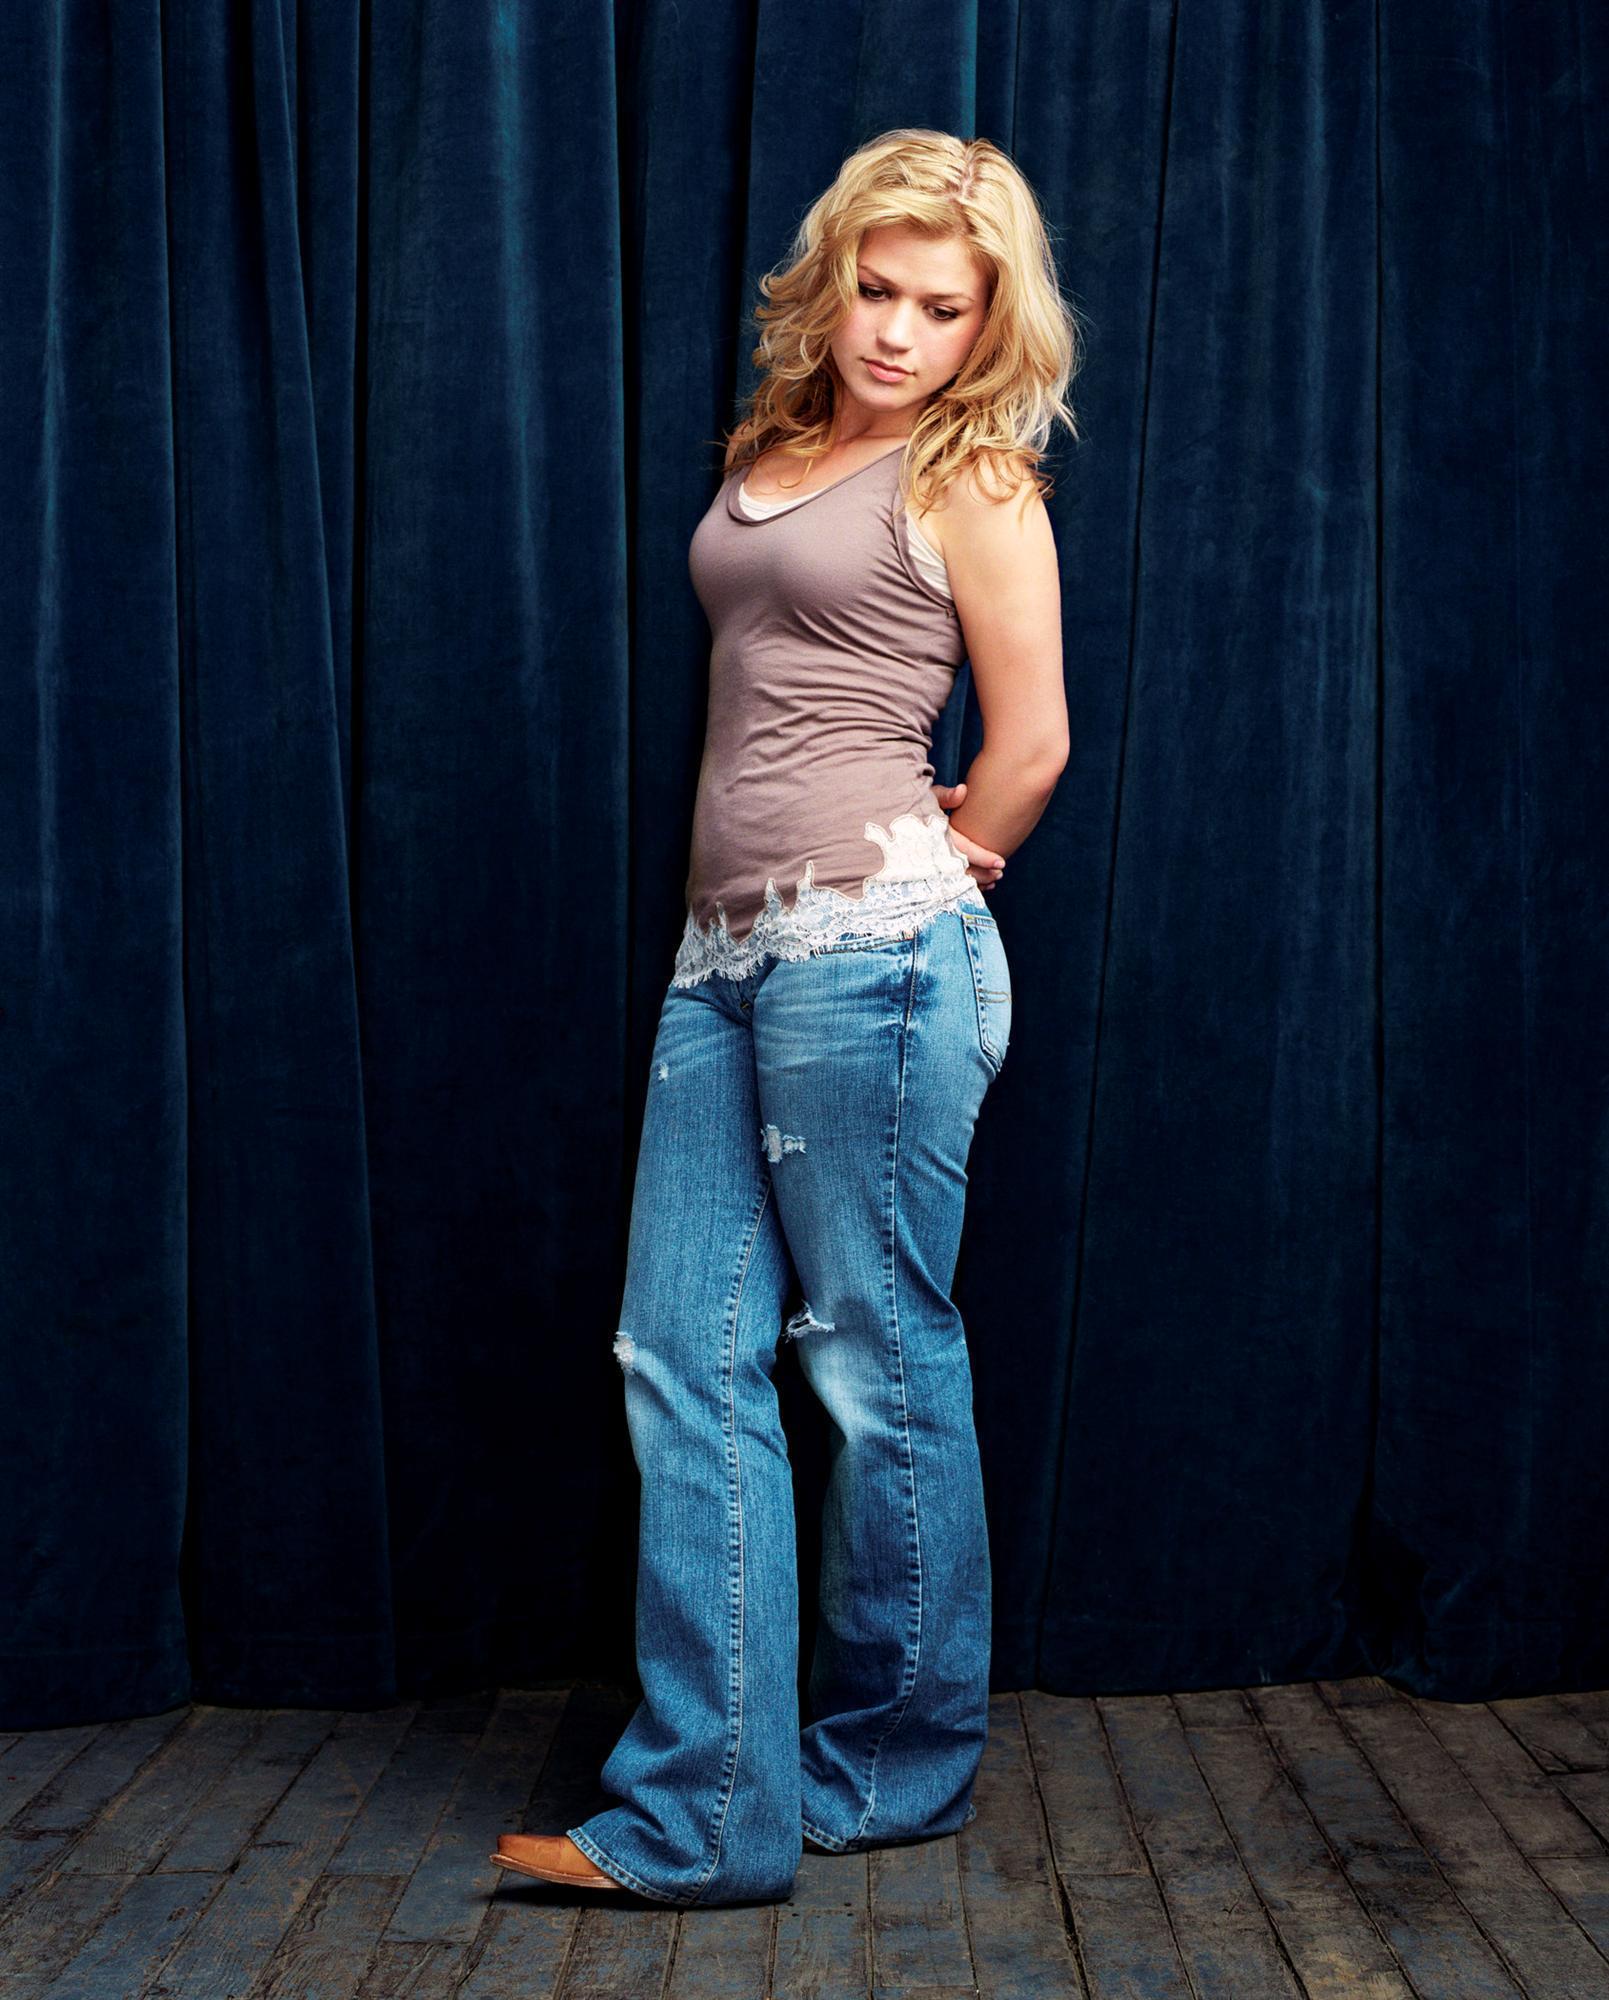 Trucker Girl Wallpaper Kelly Kelly Clarkson Photo 1418885 Fanpop